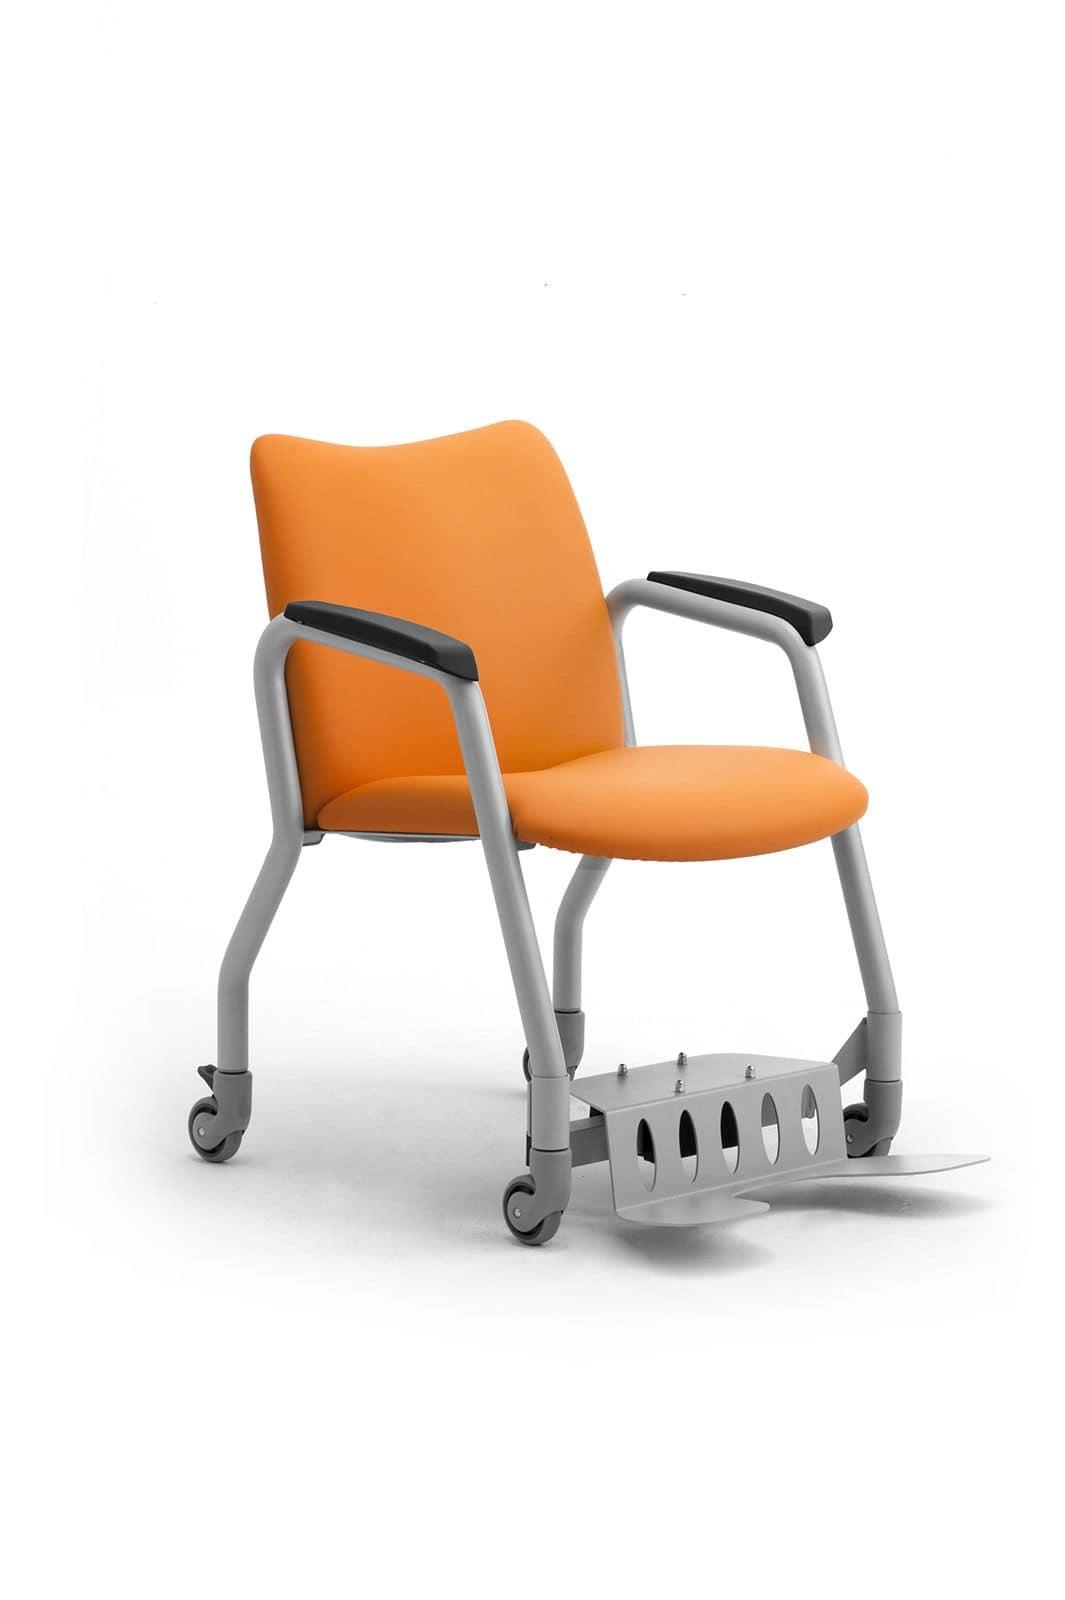 Giorgy con ruote 6410 sedia conferenza aula magna idfdesign - Sedia con ruote ...